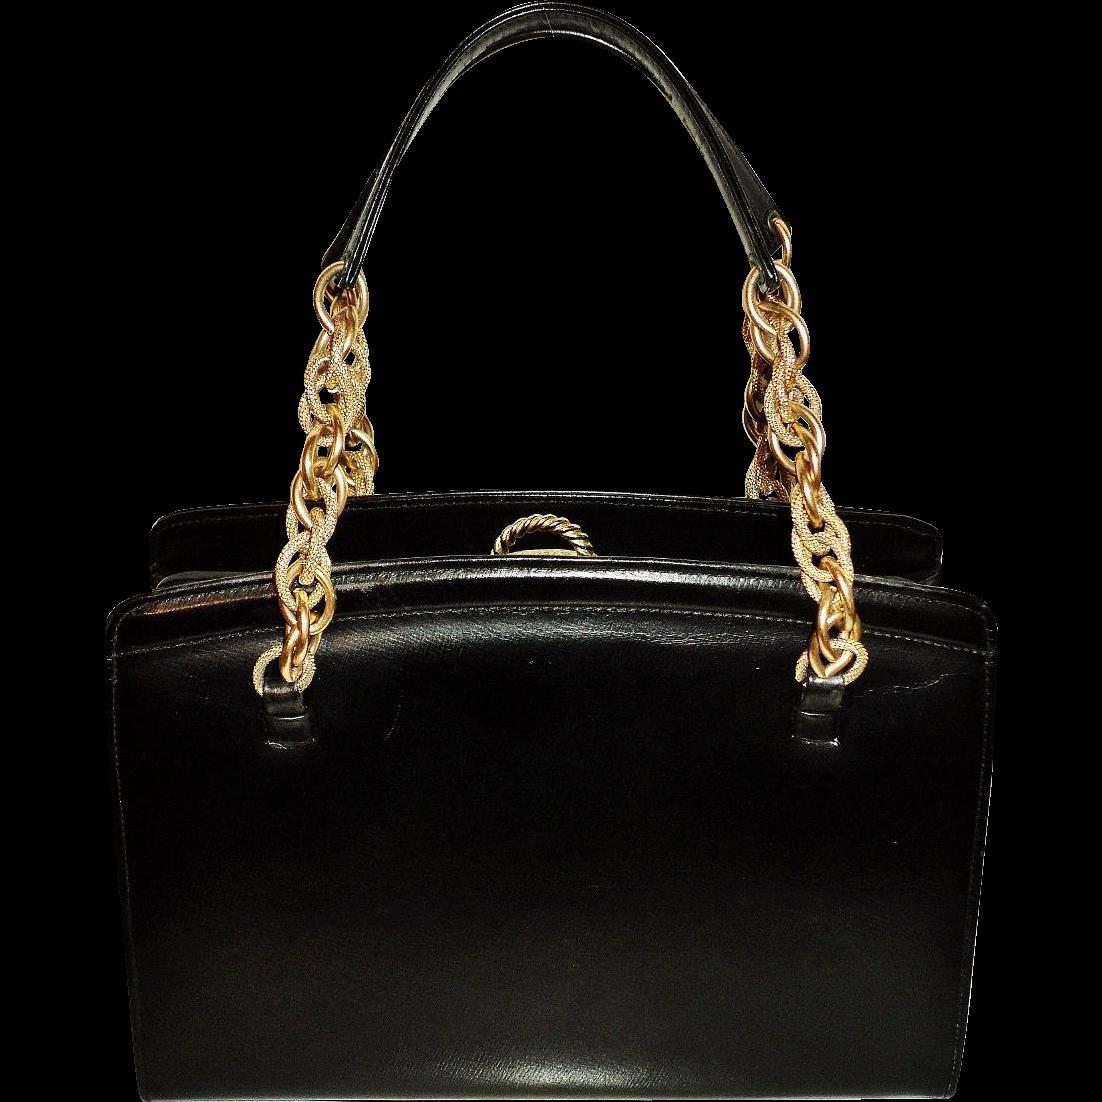 Vintage Dofan Paris Leather 1950s Handbag Gold Chain Handles